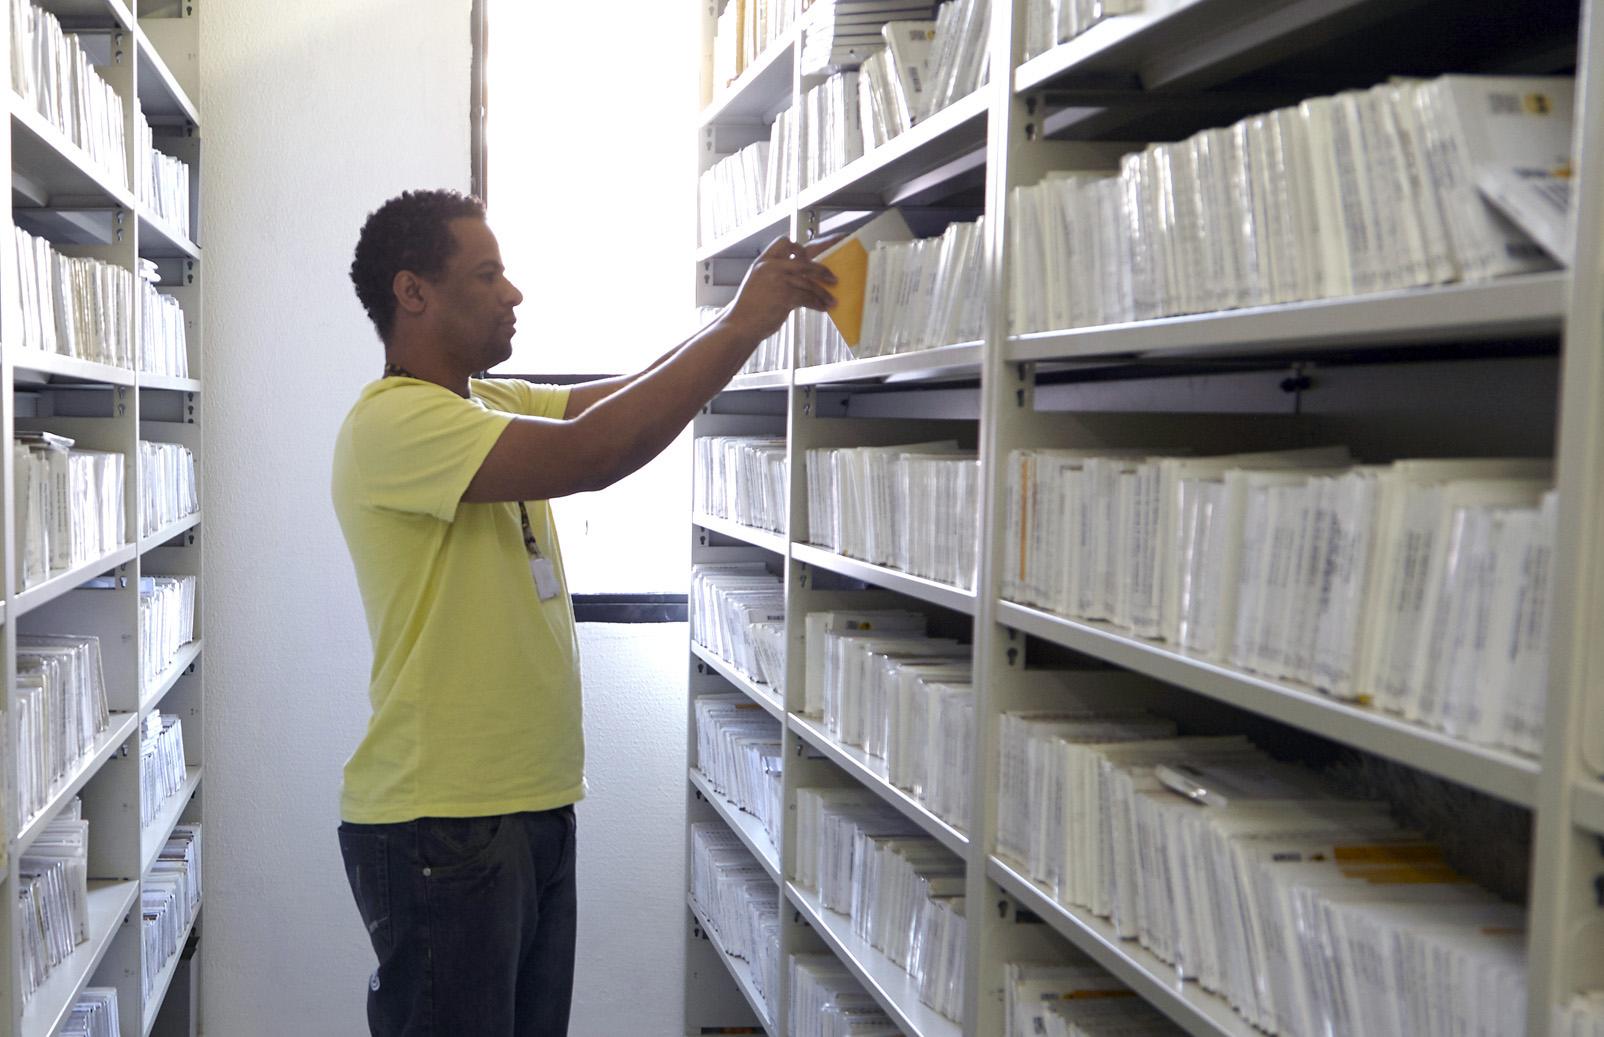 Foto de um dos funcionários da biblioteca da Fundação Dorina retirando um livro de uma prateleira.